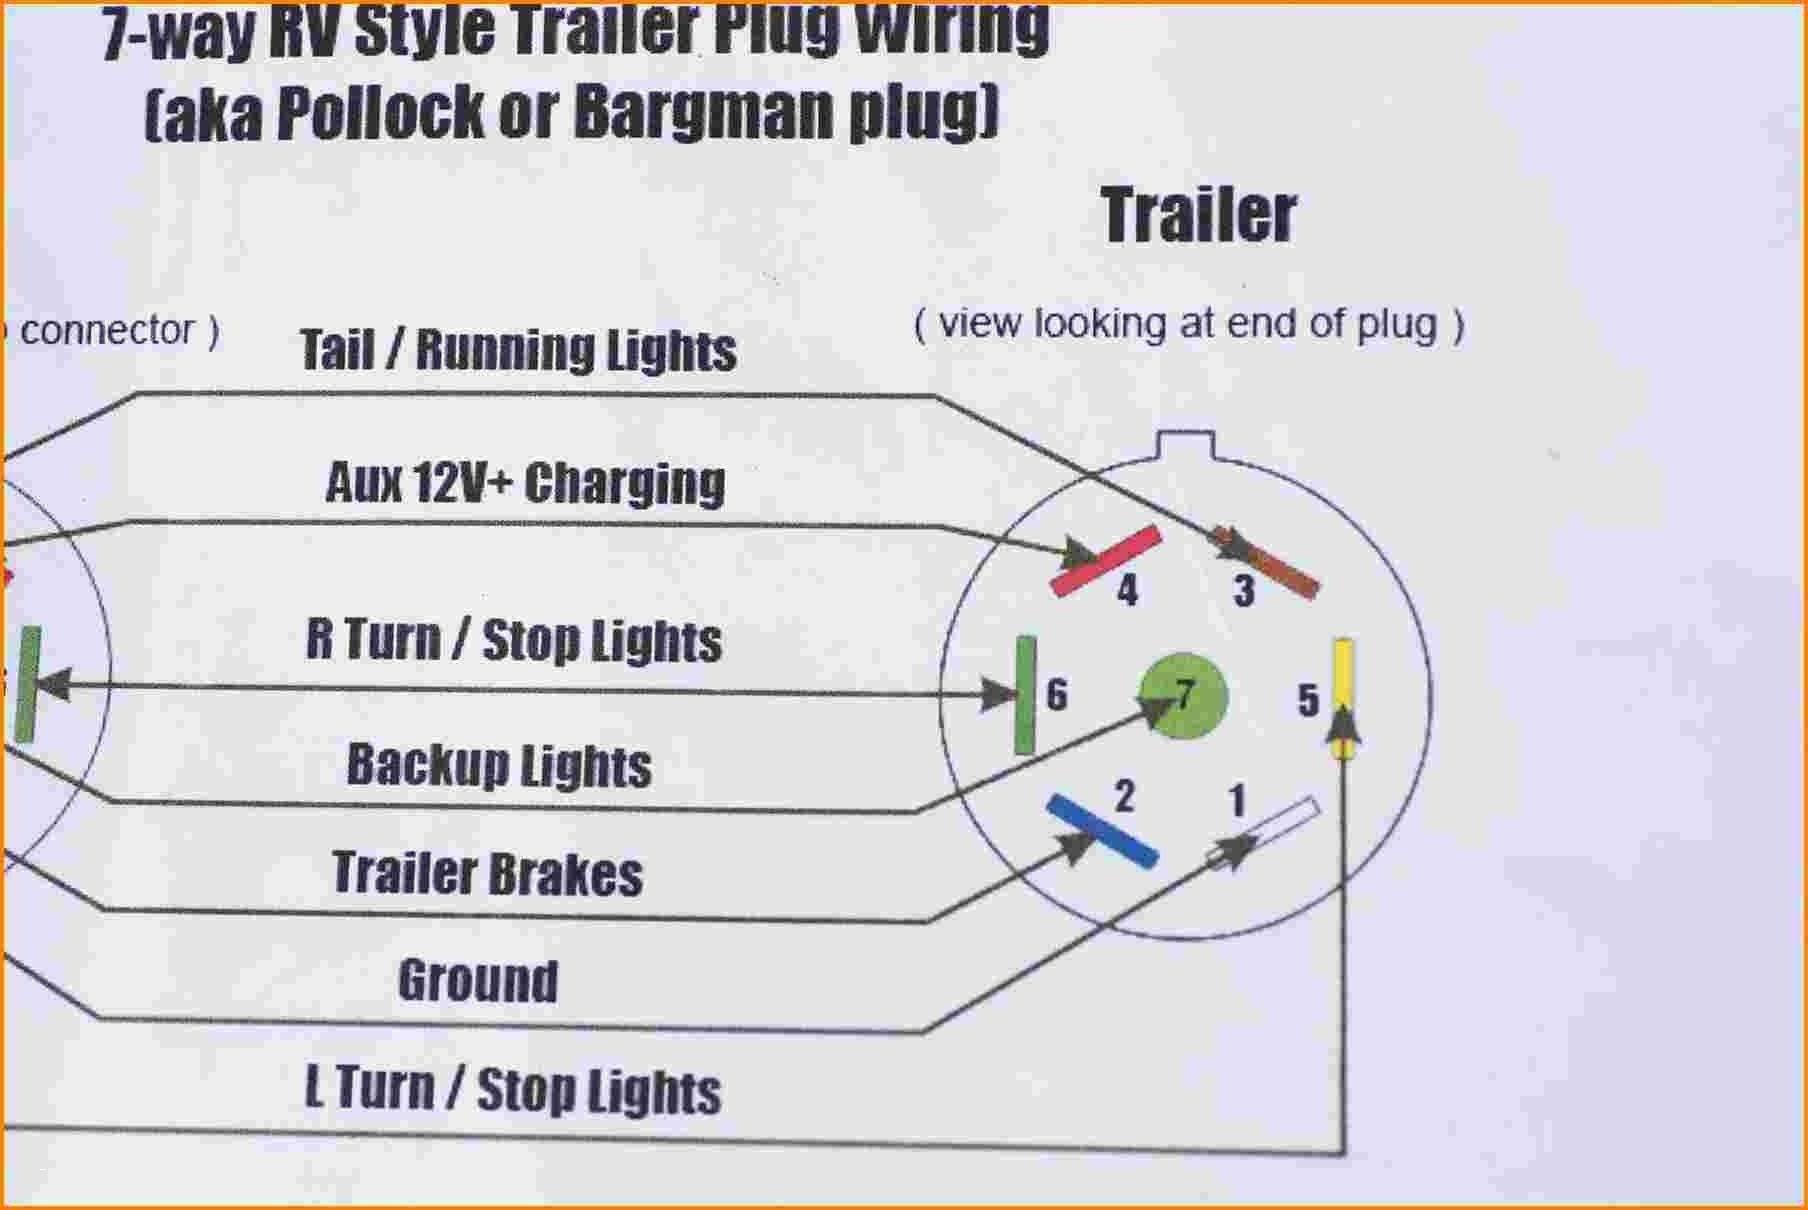 Elegant Ford 7 Way Trailer Plug Wiring Diagram In 2020 Trailer Wiring Diagram Plugs Wire